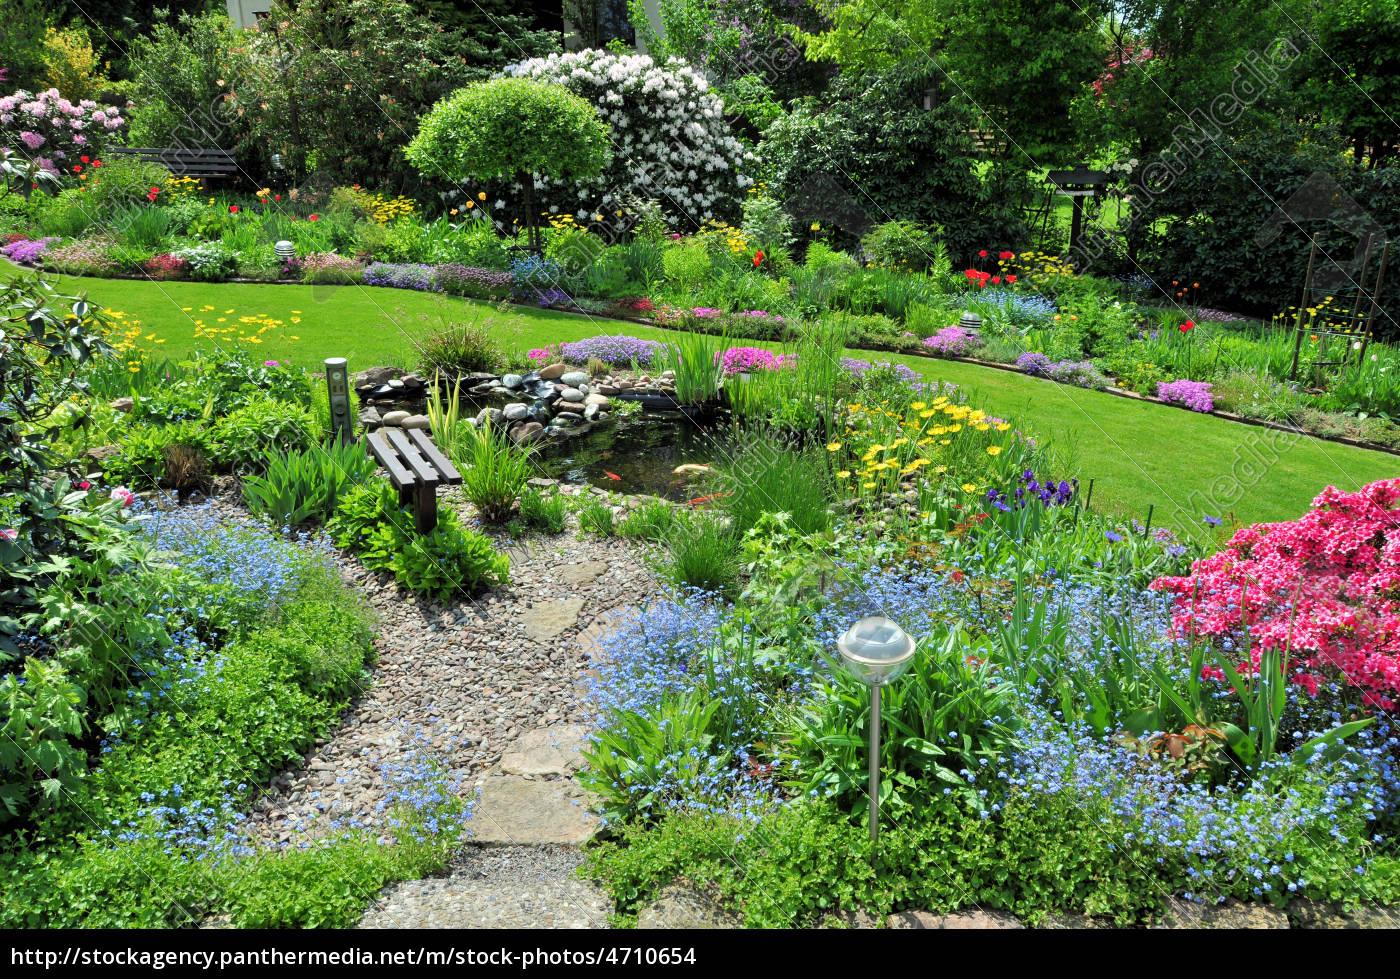 Stockfoto 4710654 - Garten mit Teich und Bank